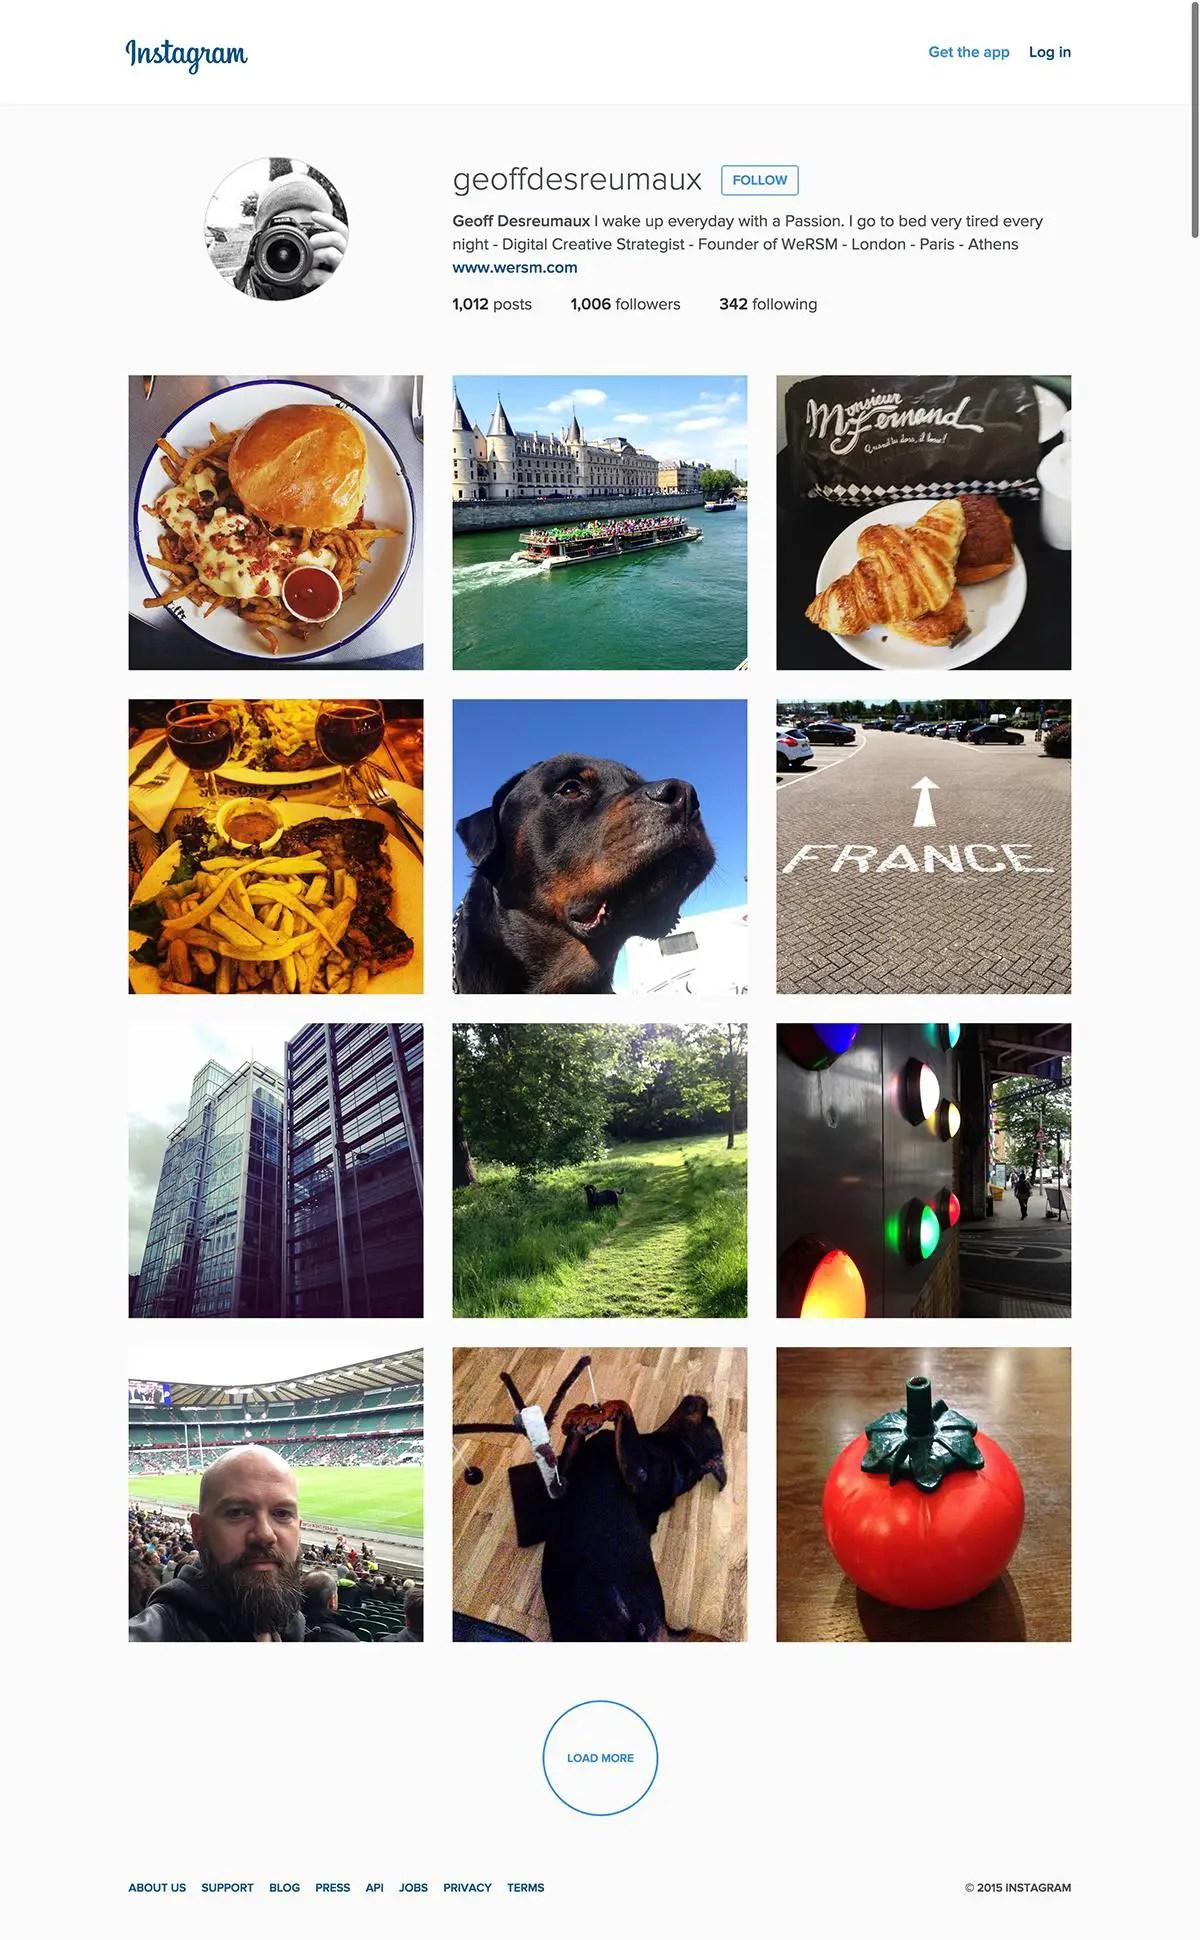 wersm-instagram-for-the-web-flat-design